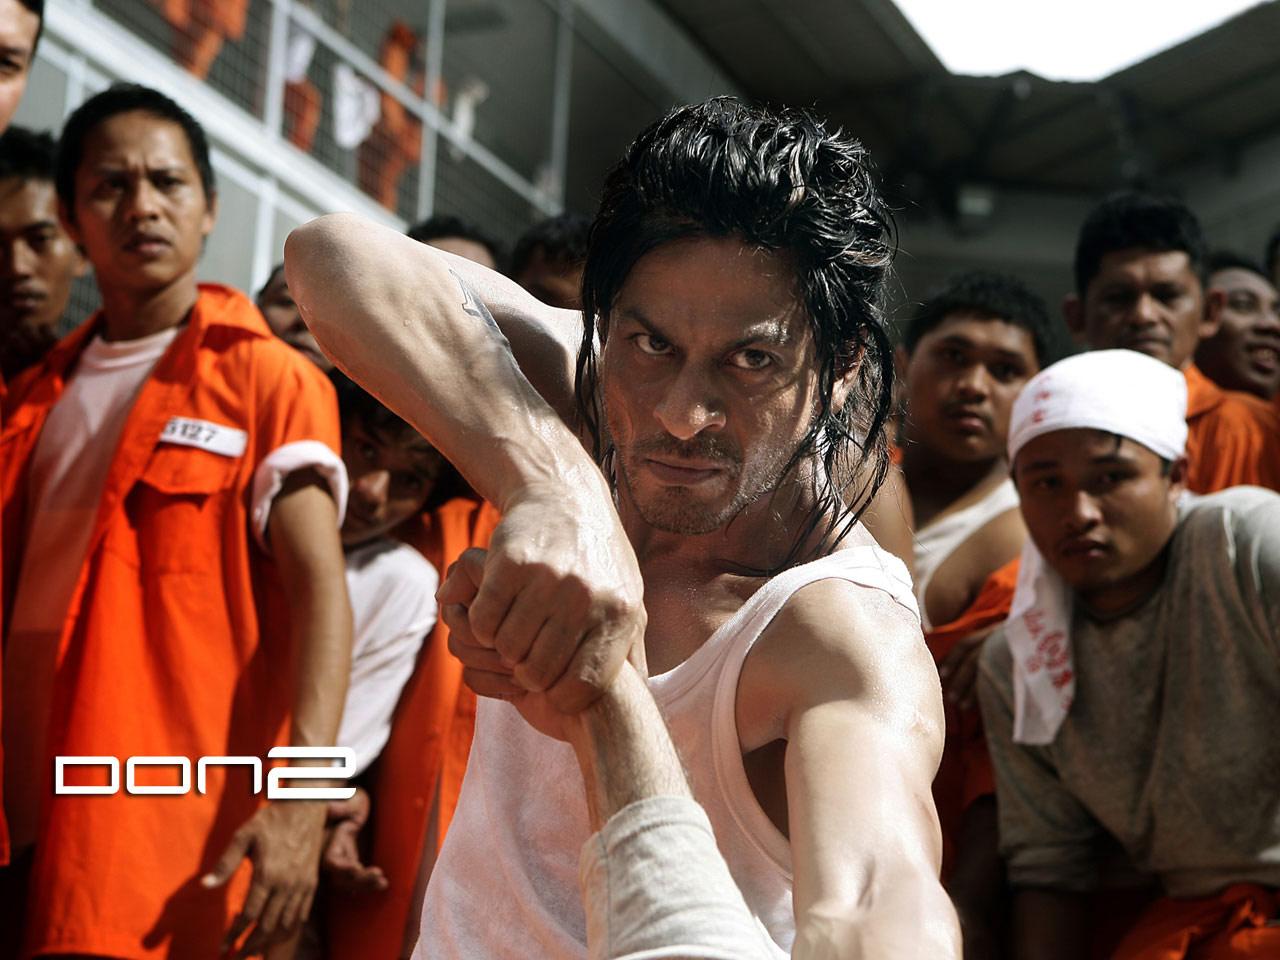 http://1.bp.blogspot.com/-C7aVHBXFXvM/Th04HjL-_HI/AAAAAAAAAAw/_vLxmP3dvBM/s1600/Don+2+Hindi+2011+Upcoming+movies.jpg